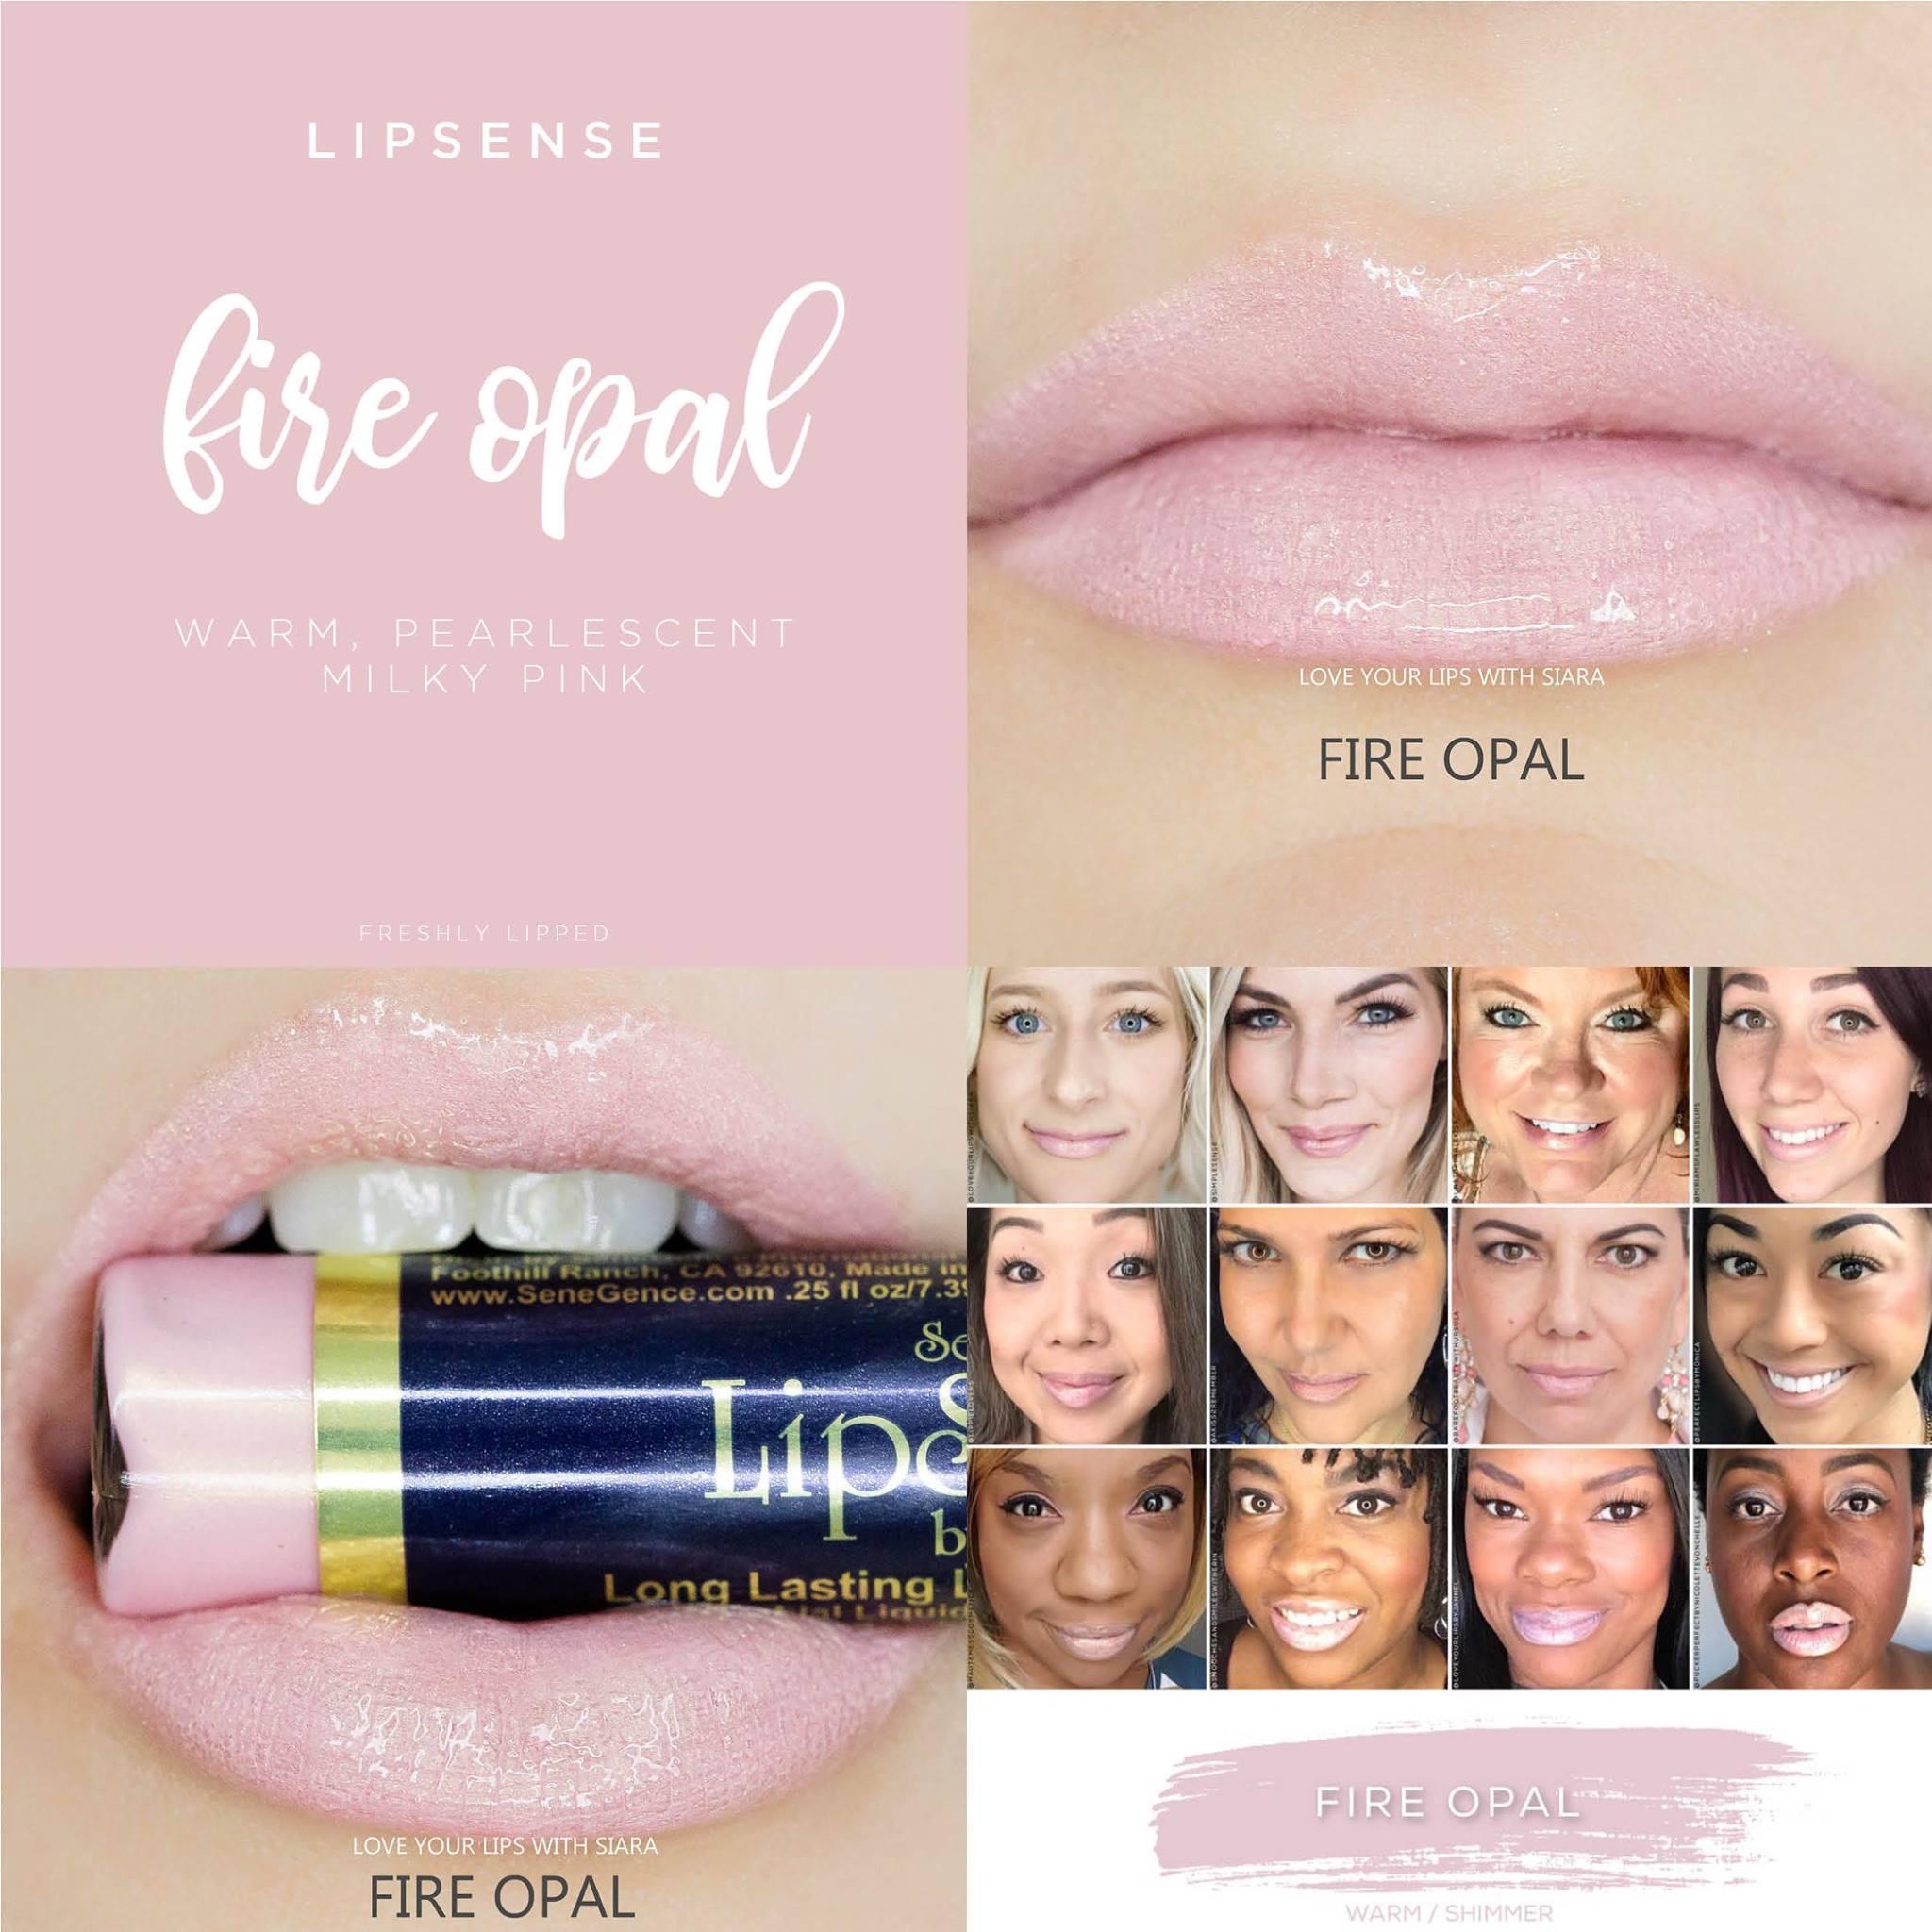 Fire Opal LipSense Collage